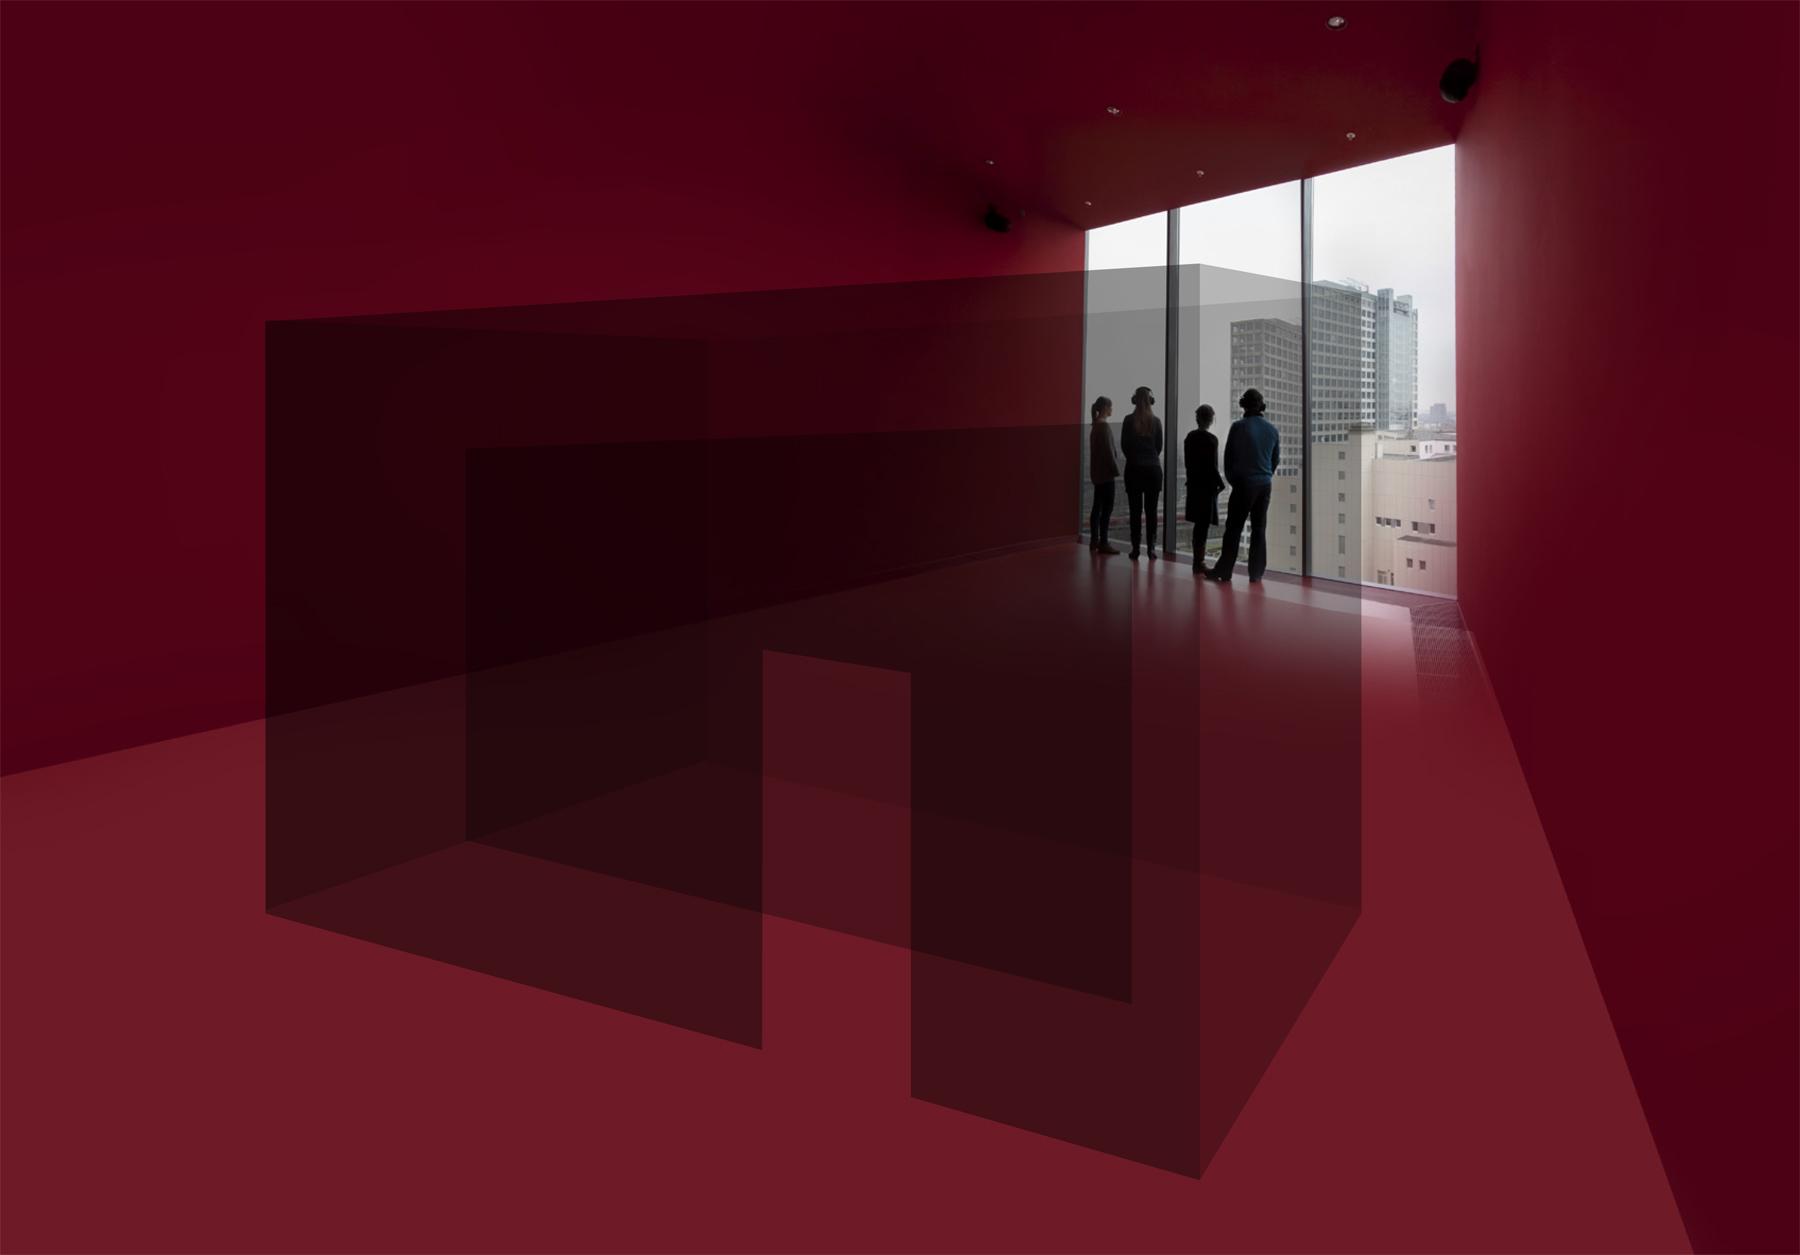 Dunkle Kammer2